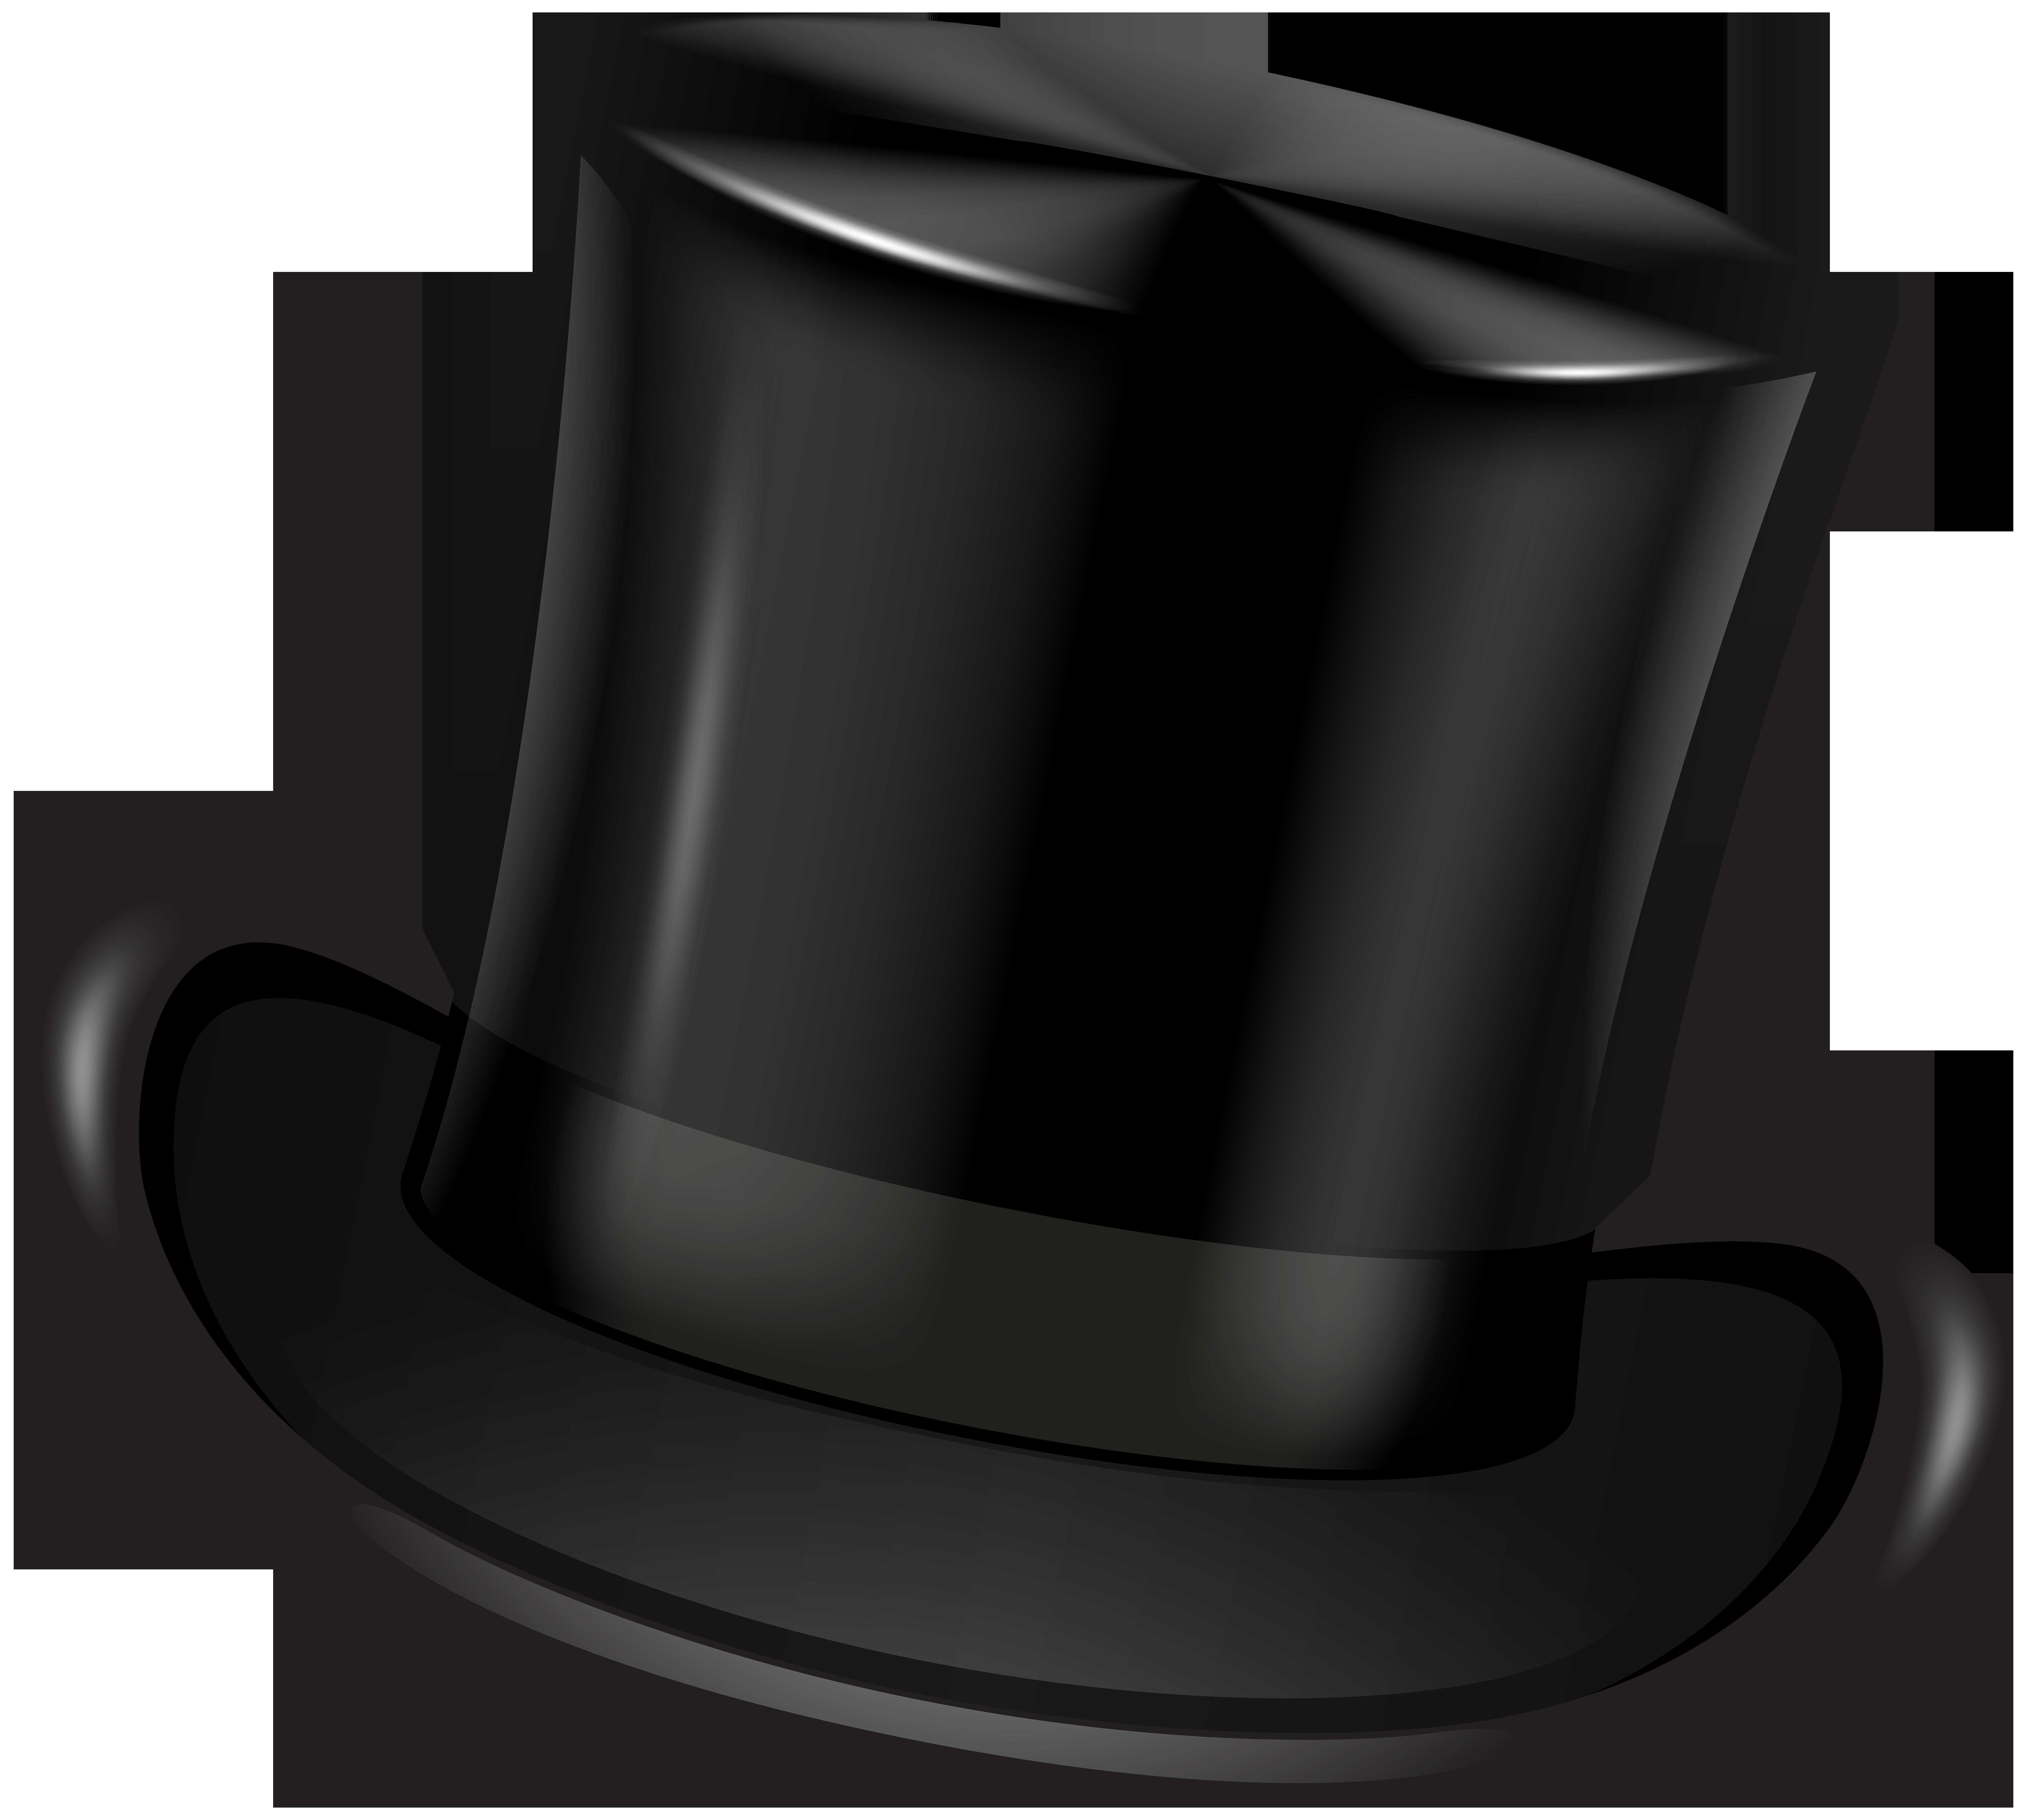 Mustache clipart bowler hat. Black top transparent clip